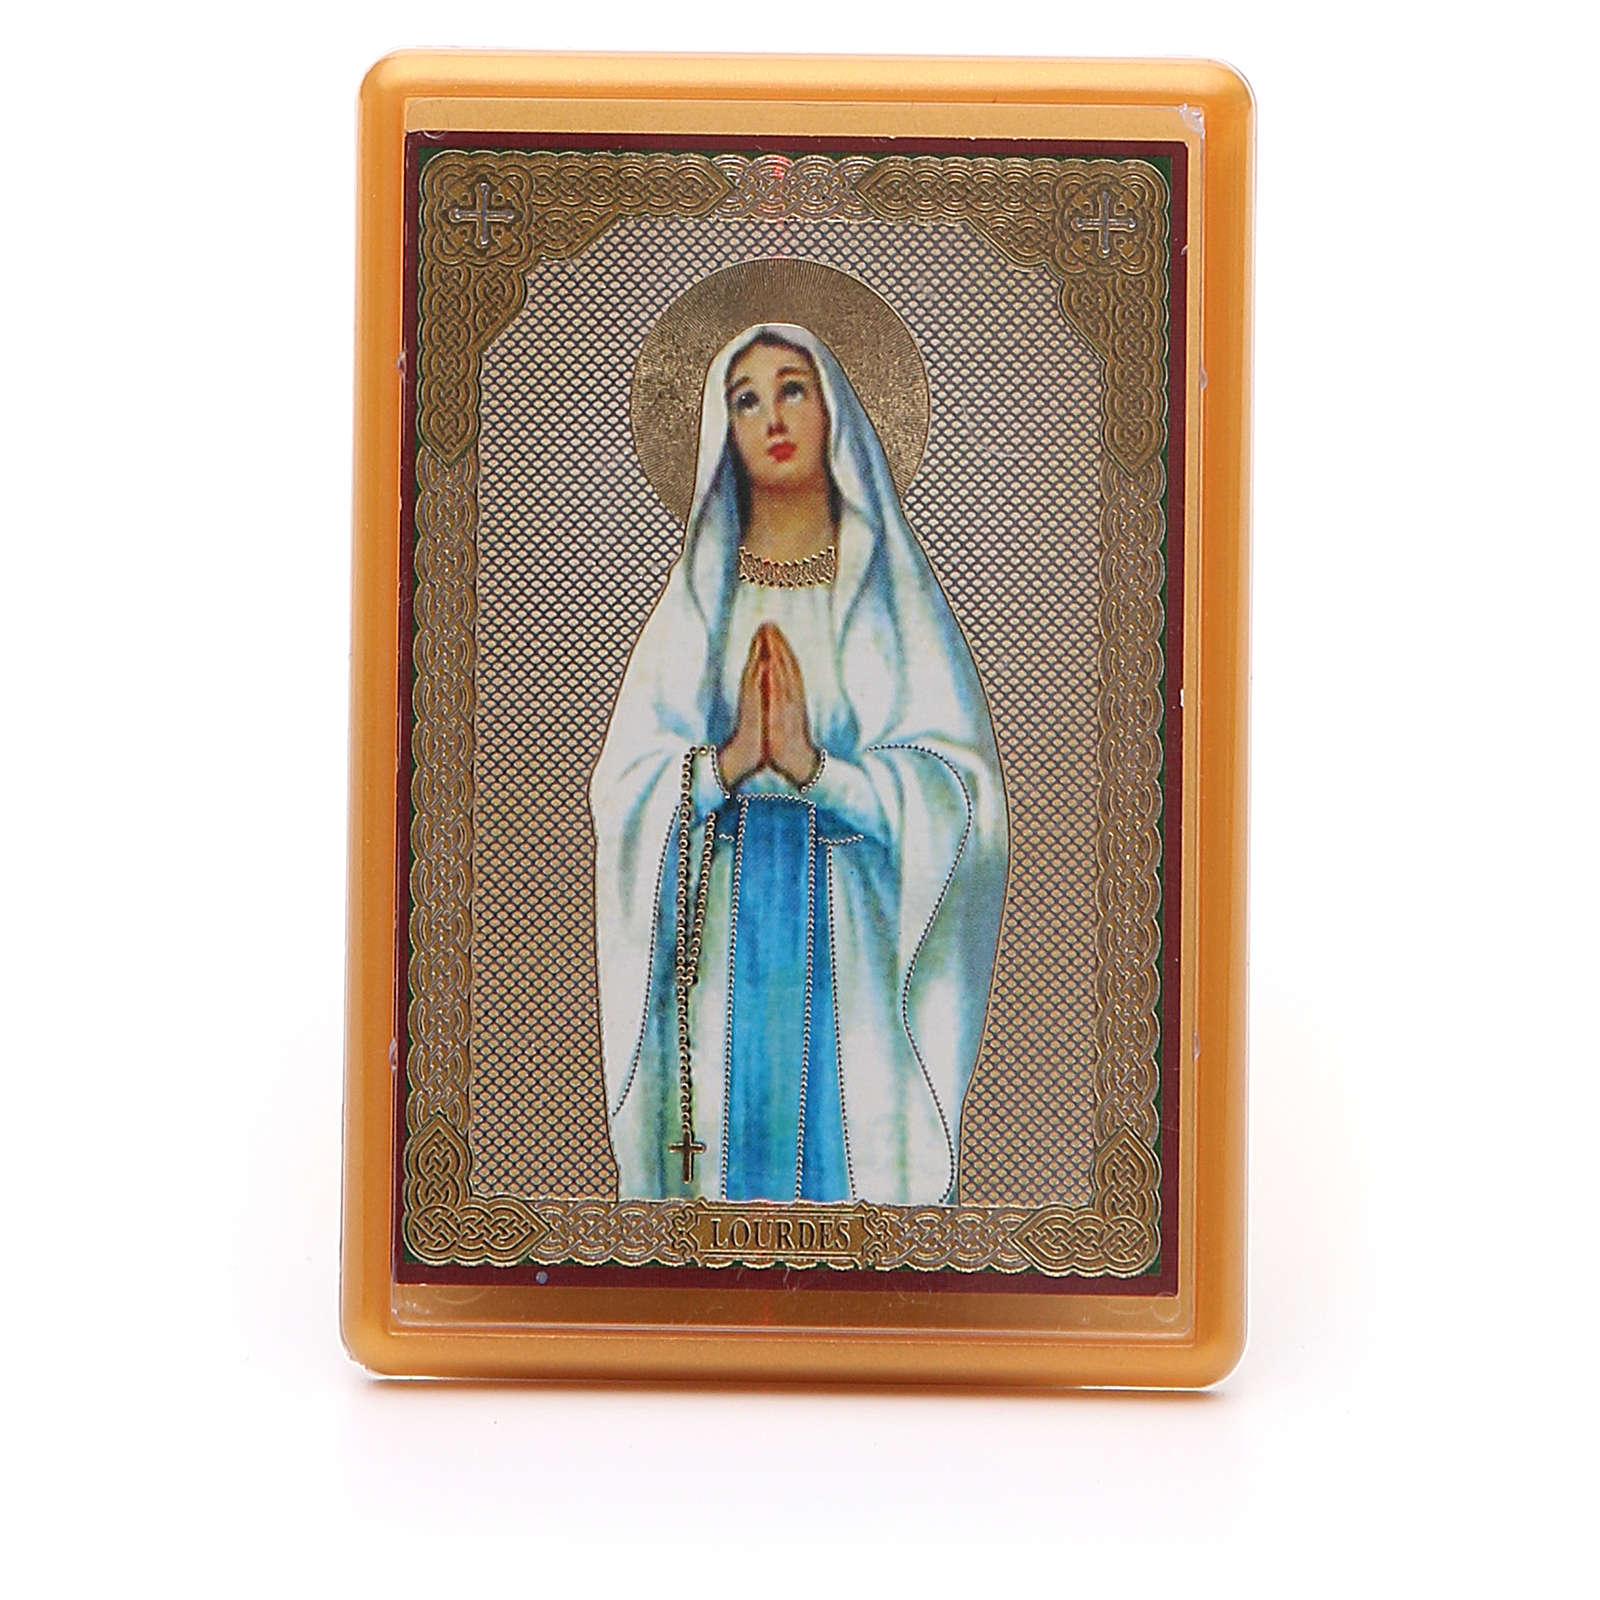 Magnet plexiglass russian Our Lady of Lourdes 10x7cm 3